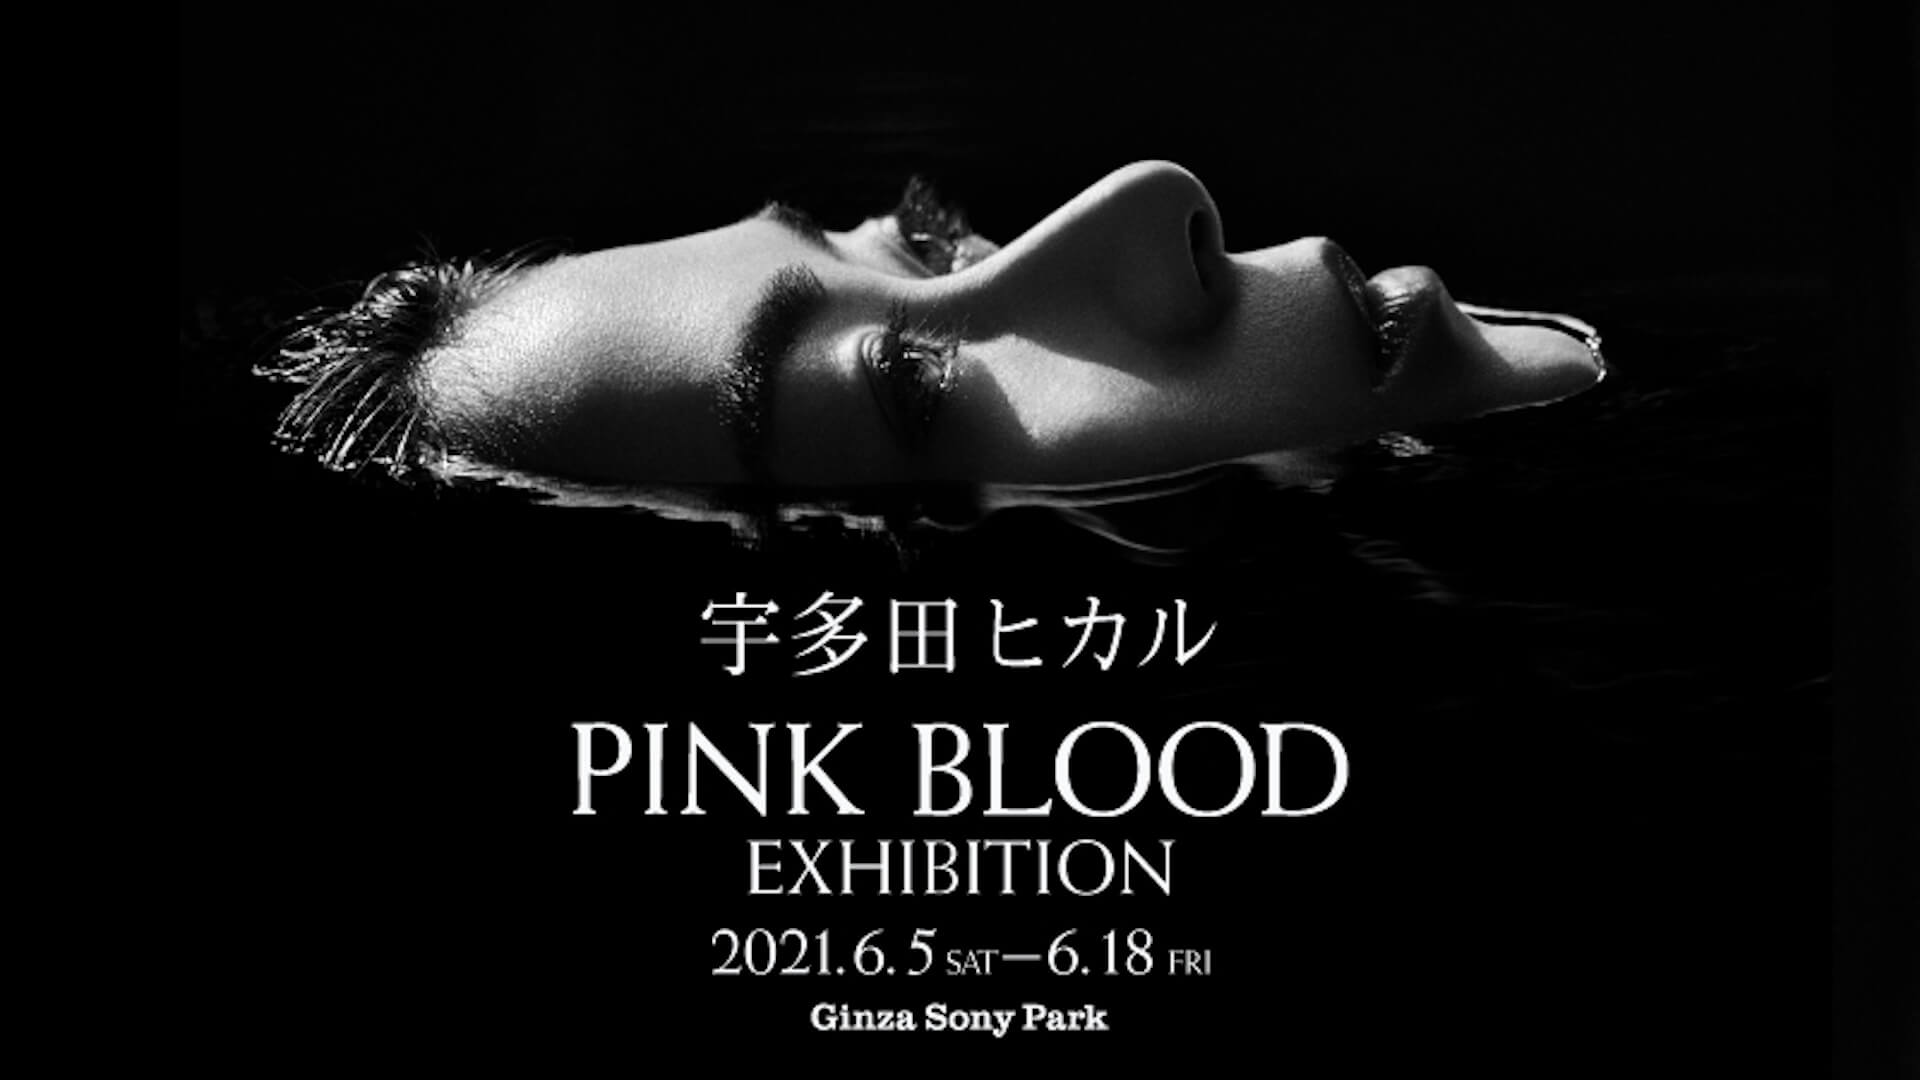 宇多田ヒカルのMVの世界観が銀座に出現!<「PINK BLOOD」EXHIBITION>イベントレポート column210604_hikaru-utada-pinkblood-020